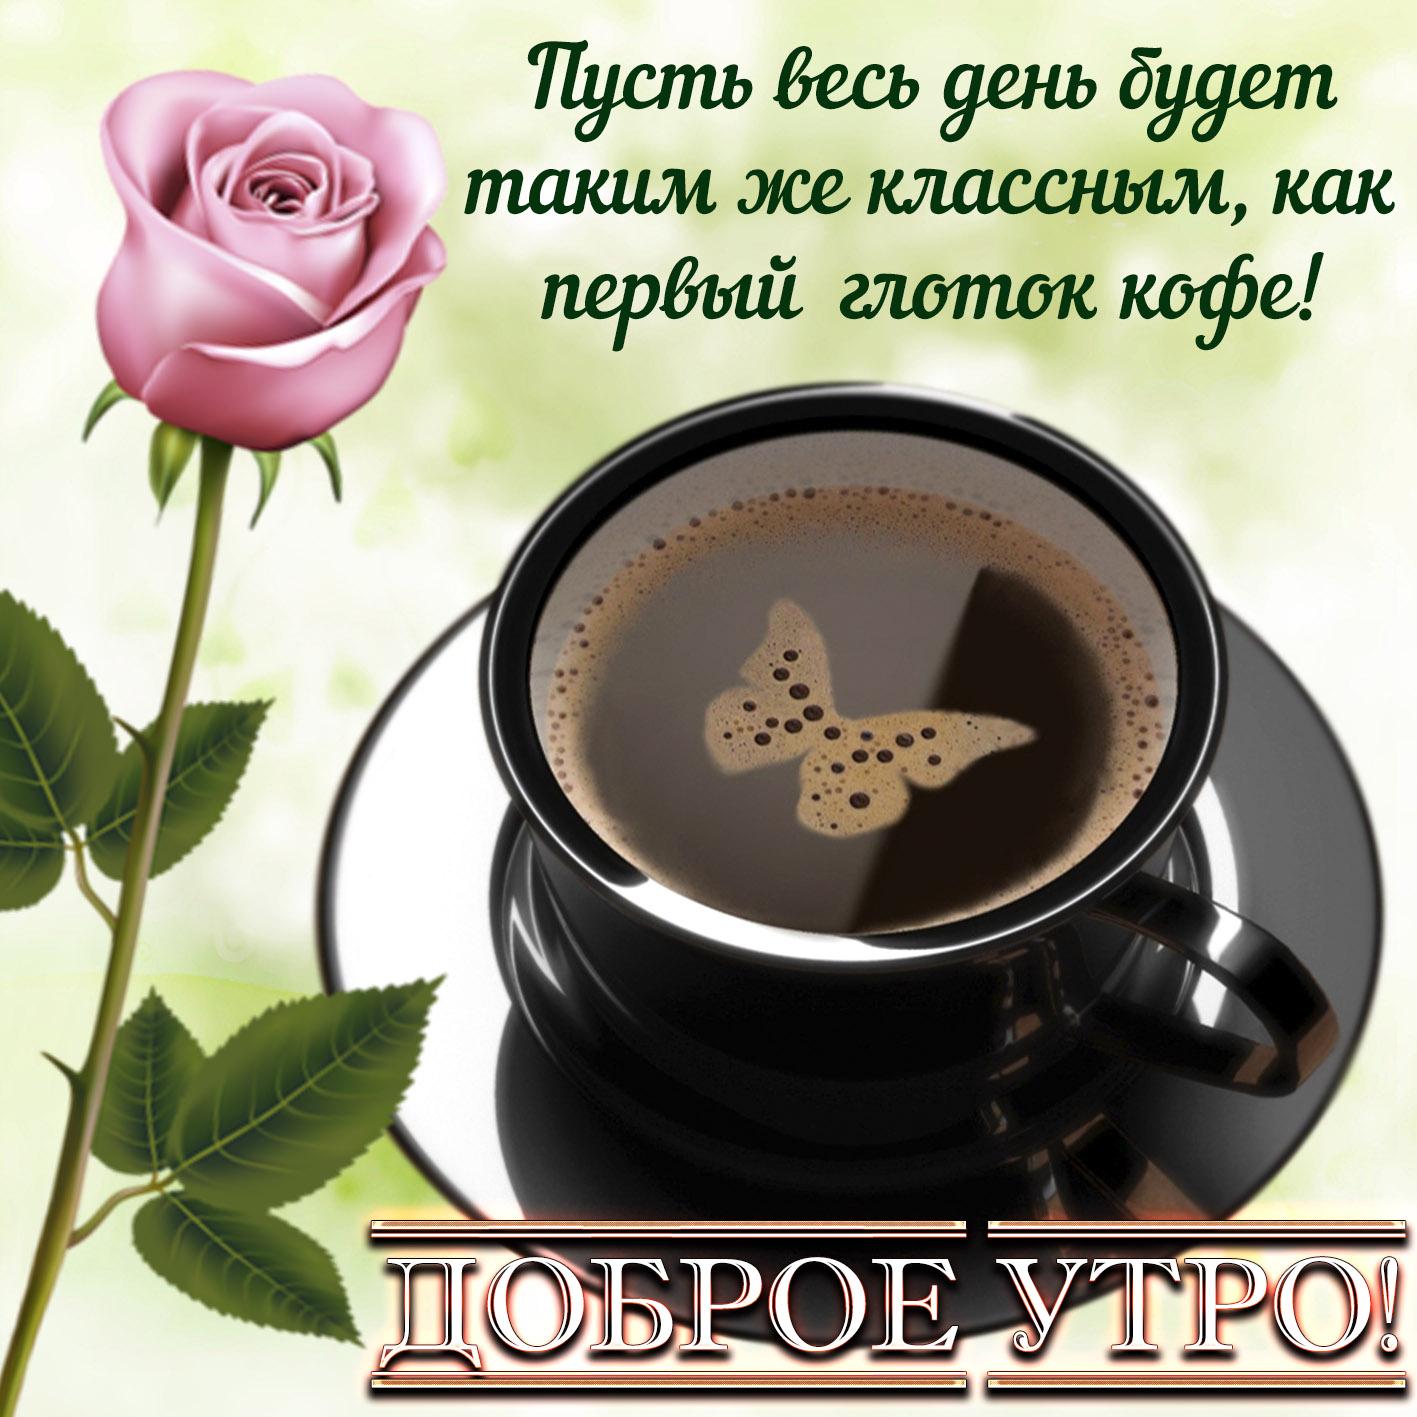 получит картинки с добрым утром с цветами и кофе с пожеланиями замечательная еда наелся